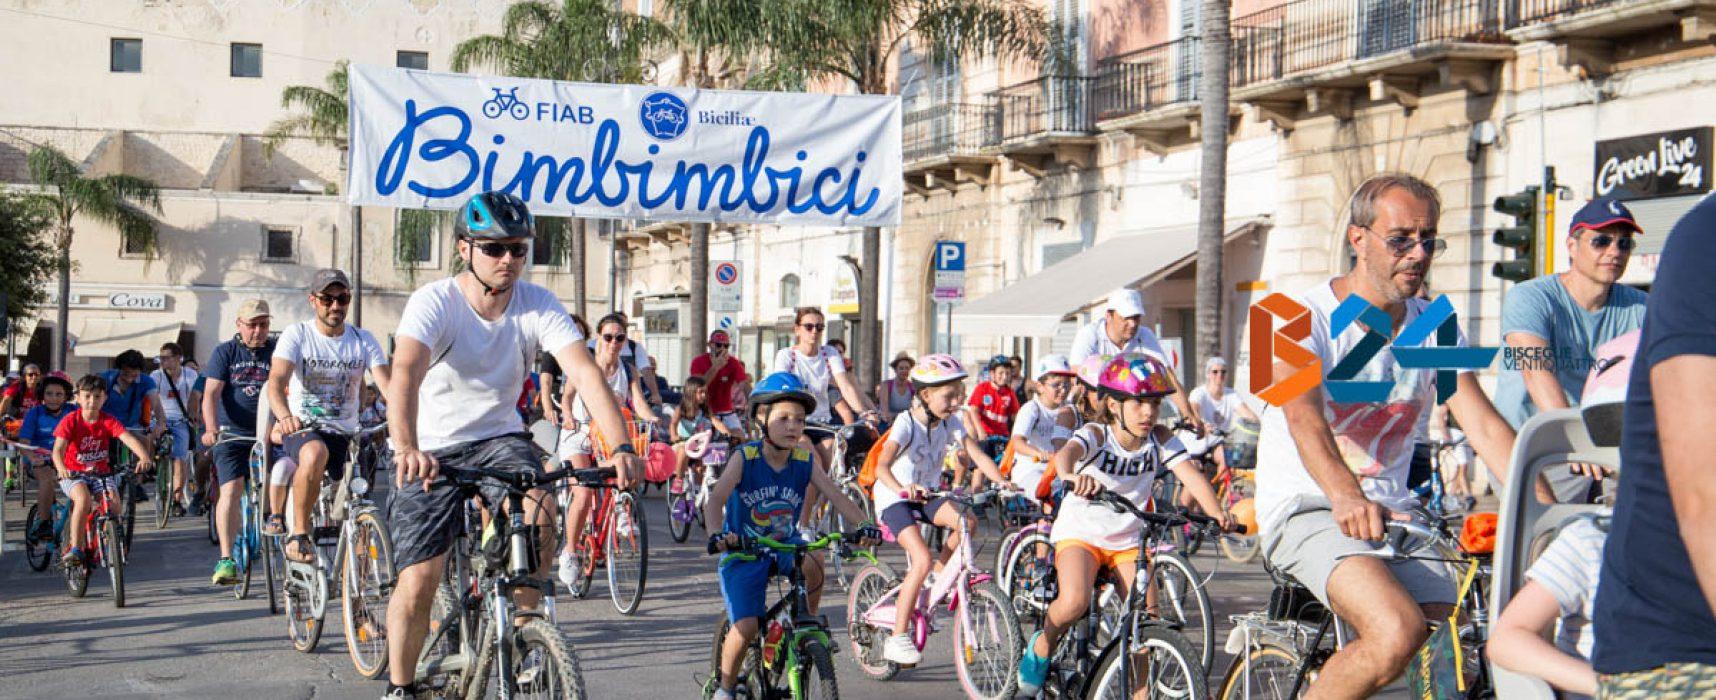 Bimbimbici, grande successo per la biciclettata tra le vie cittadine / FOTO